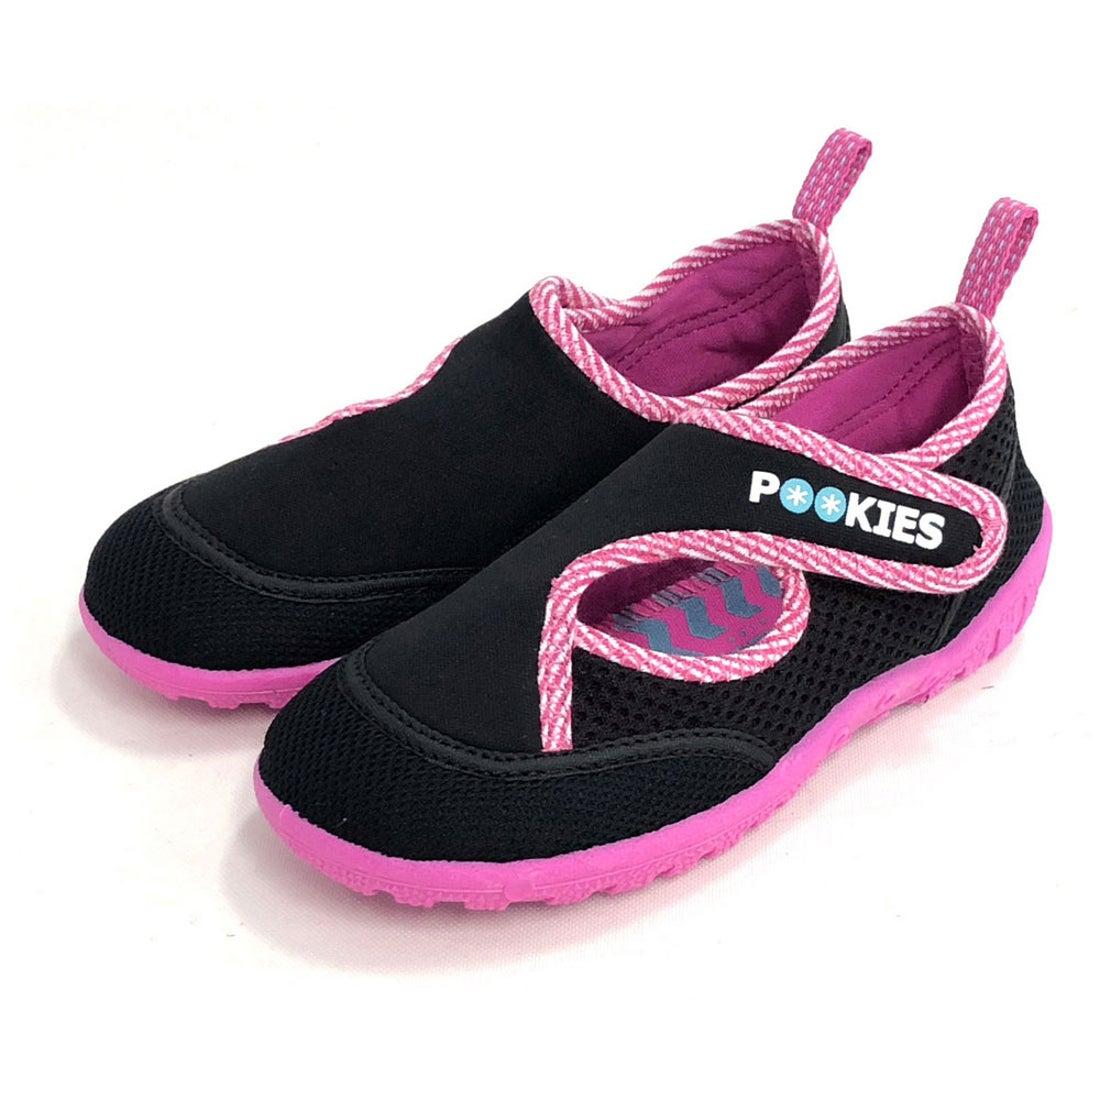 ノーブランド No Brand Pookies プーキーズ pka120 water shoes kids (Pink-ST)